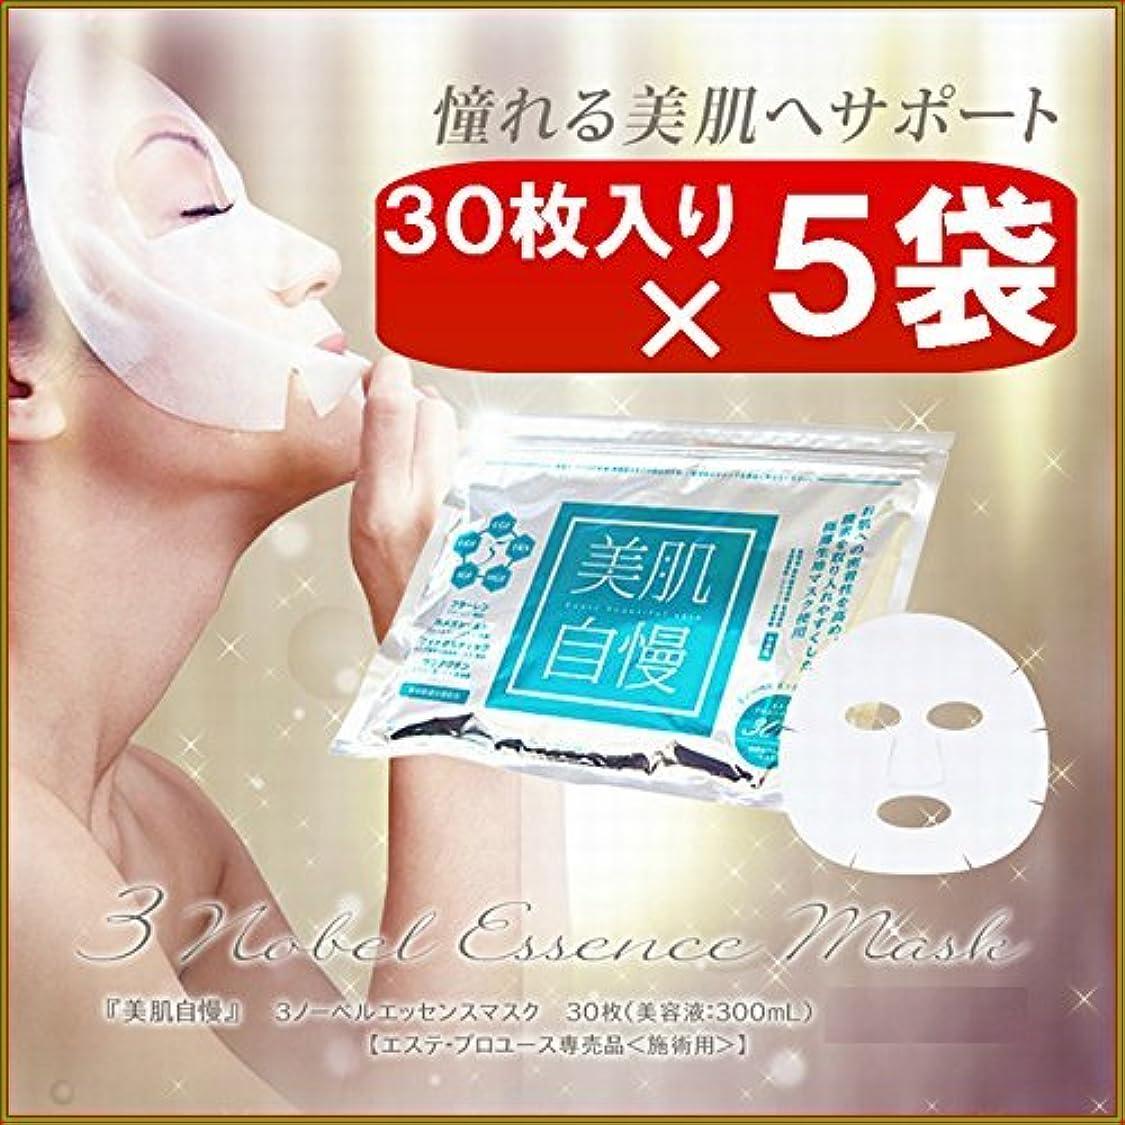 日行レンディション美肌自慢フェイスマスク 30枚入り ×超お得5袋セット 《エッセンスマスク、EGF、IGF、ヒアルロン酸、プラセンタ、アルブチン、カタツムリエキス、しみ、しわ》